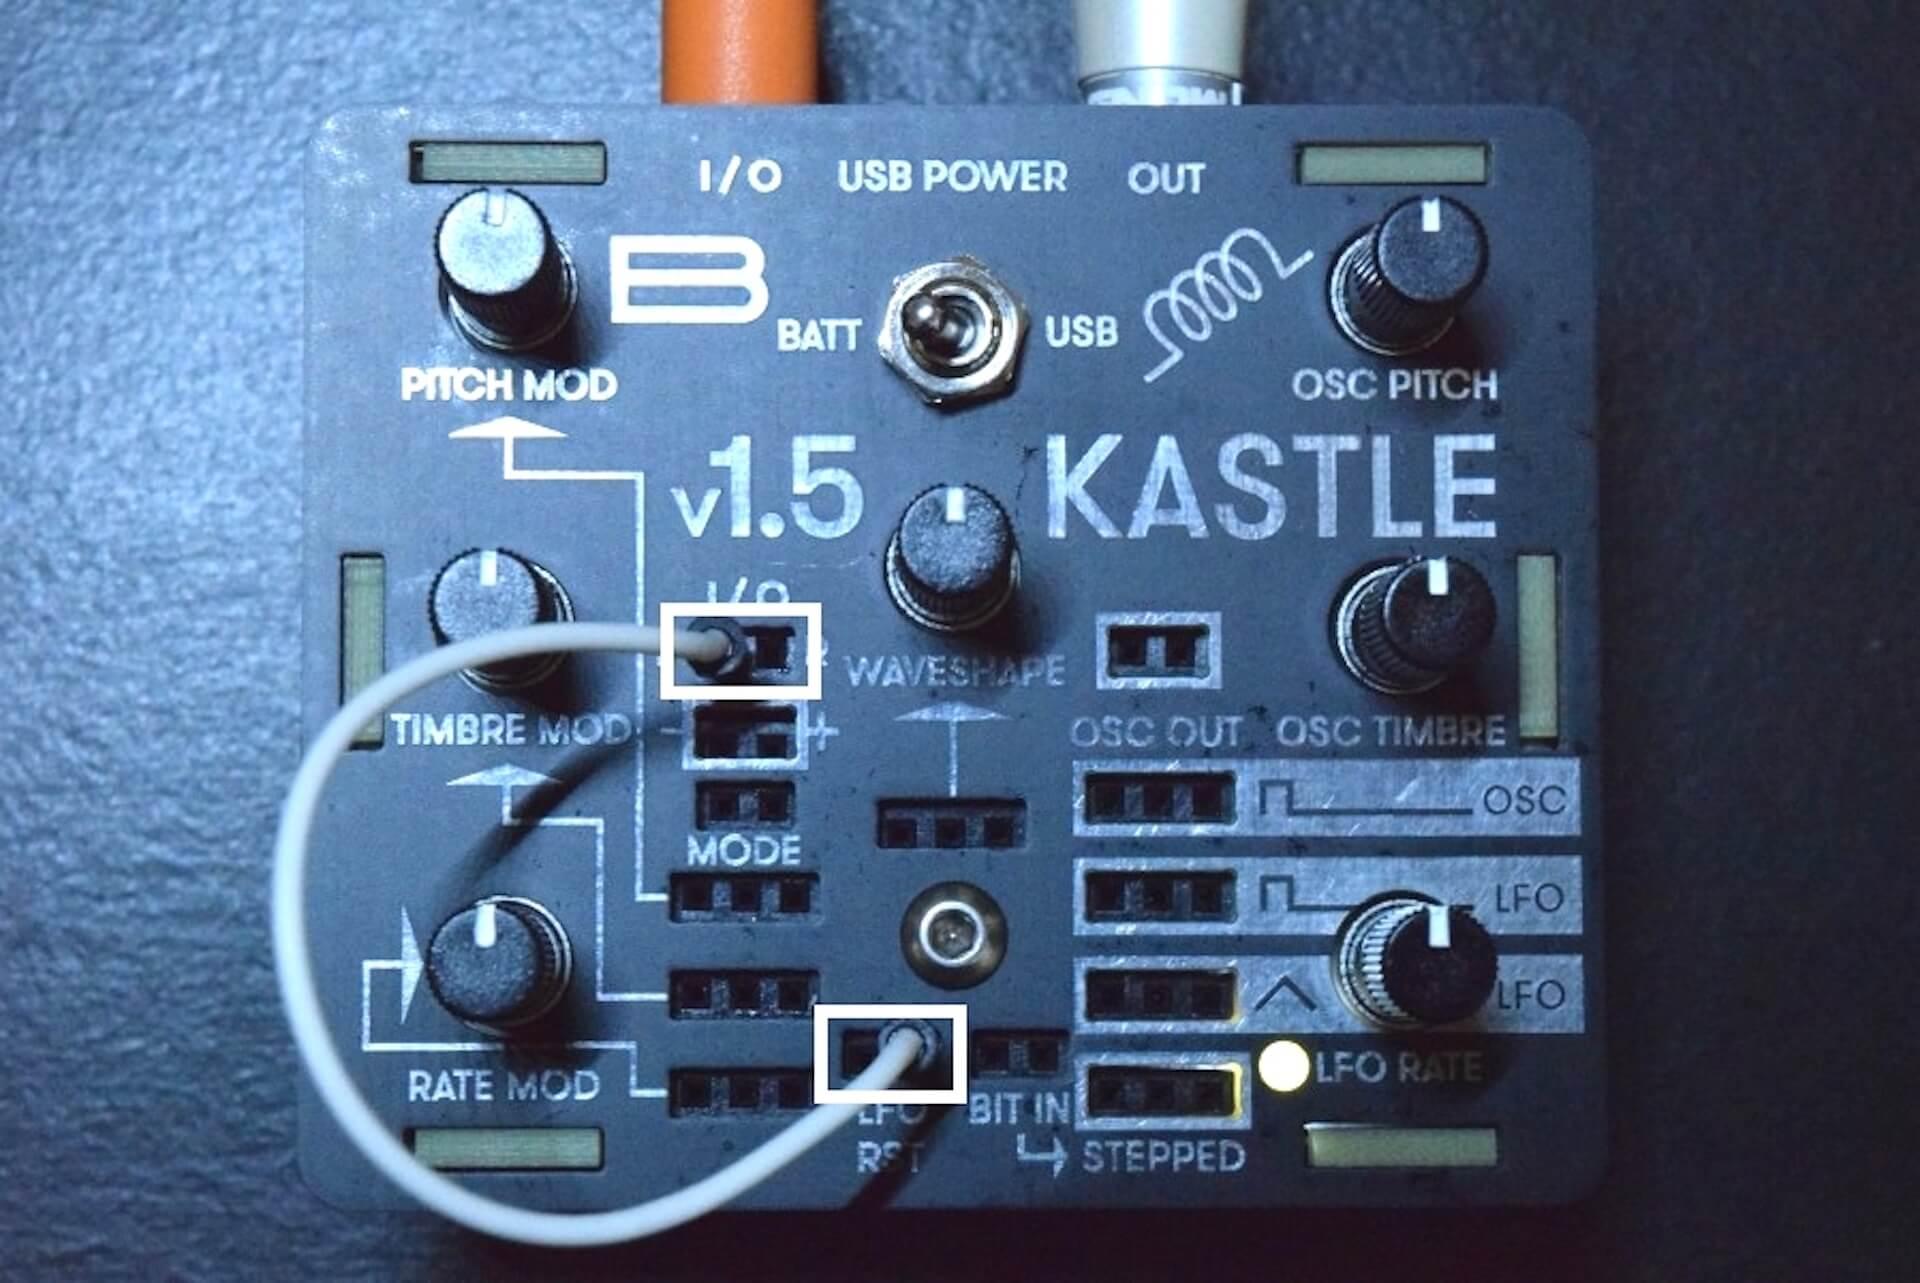 超小型モジュラー・シンセサイザー「KASTLE V1.5」のサウンドと魅力 f619f8c20d32bc53c8cbe1af6aee5415